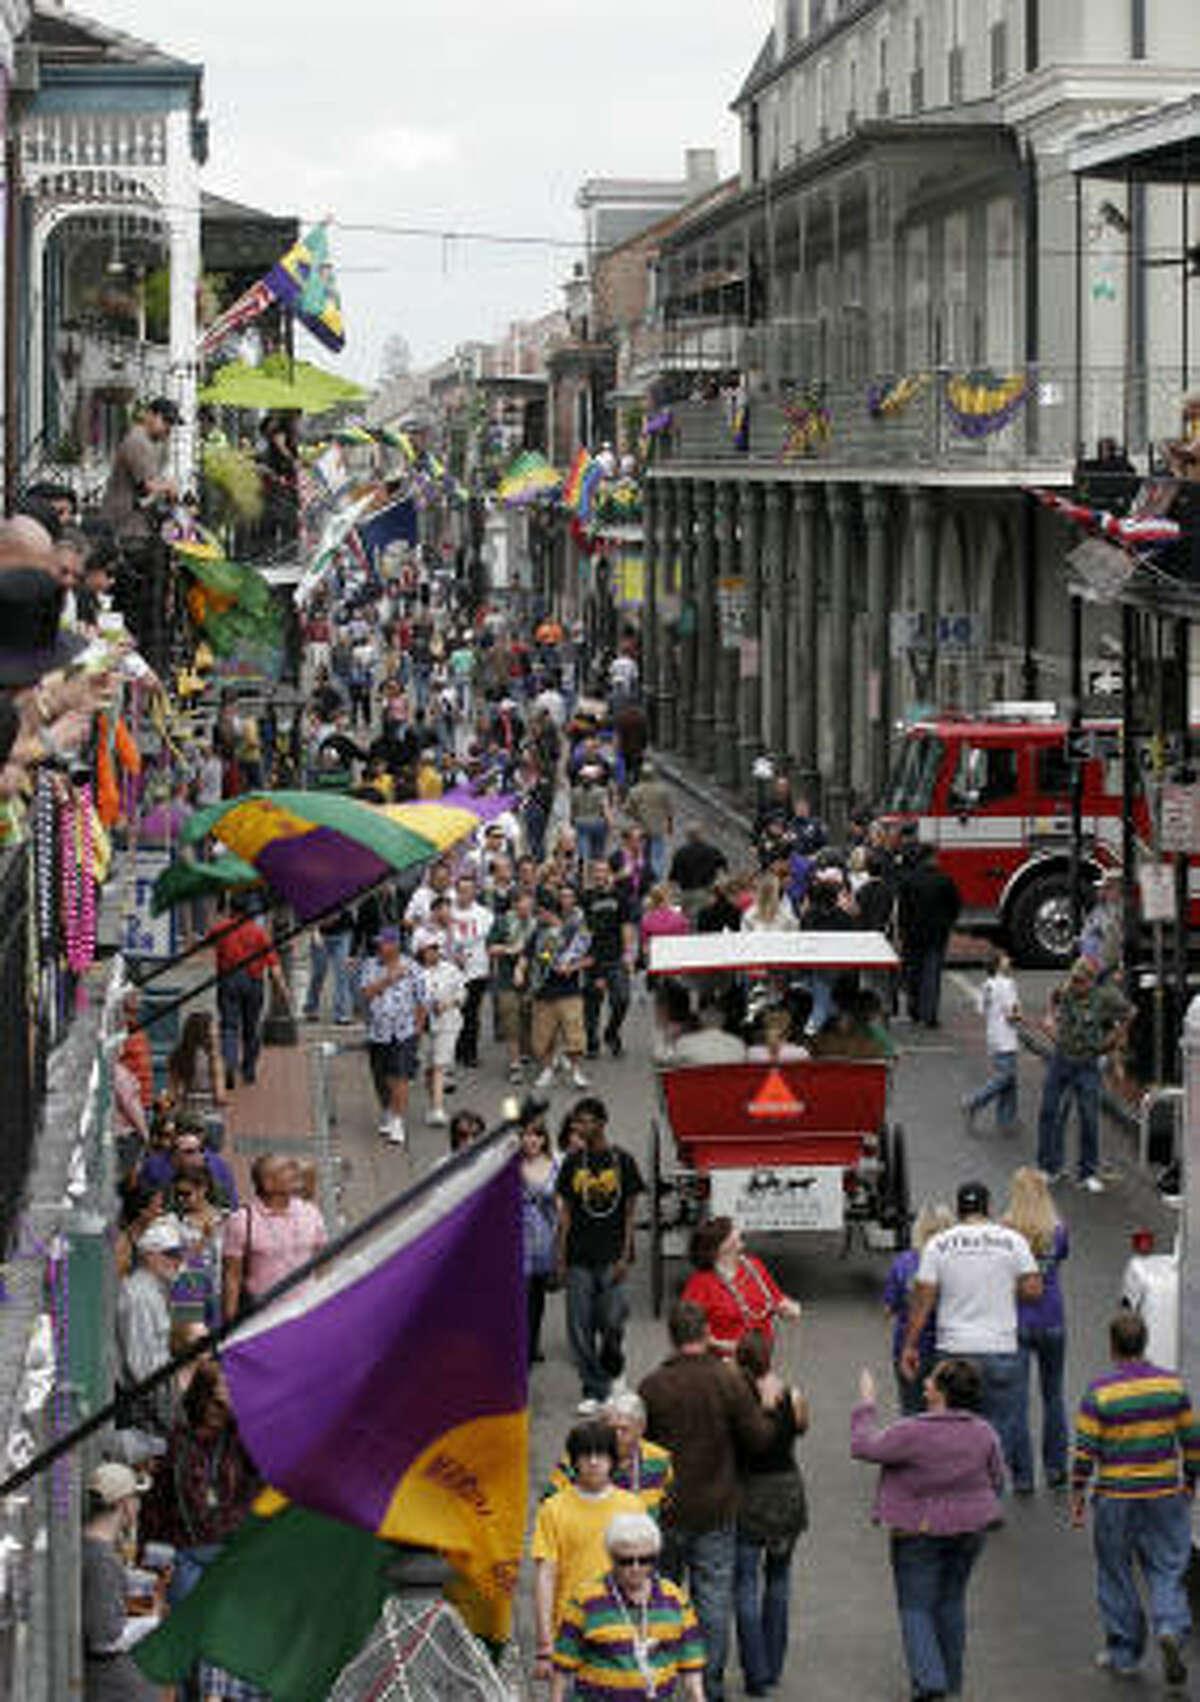 Mardi Gras revelers walk along Bourbon Street in the French Quarter of New Orleans.